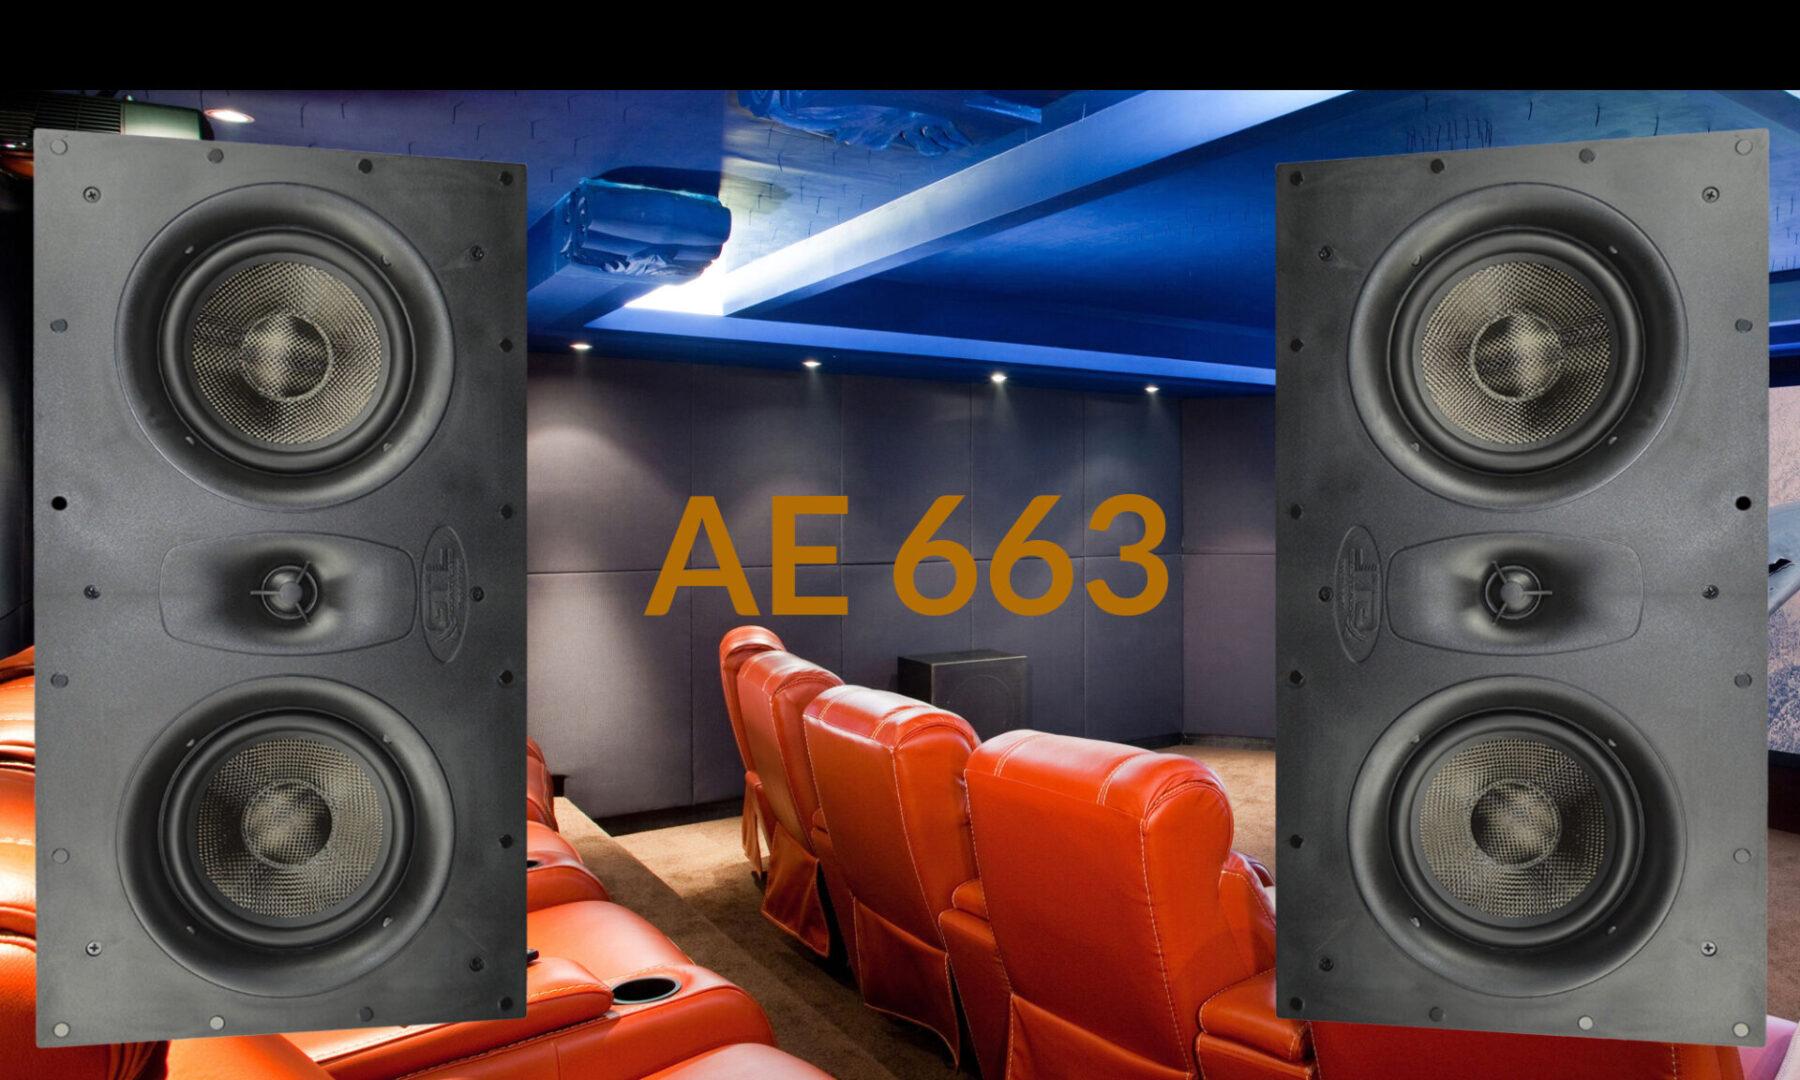 AE_663_Full_size_header